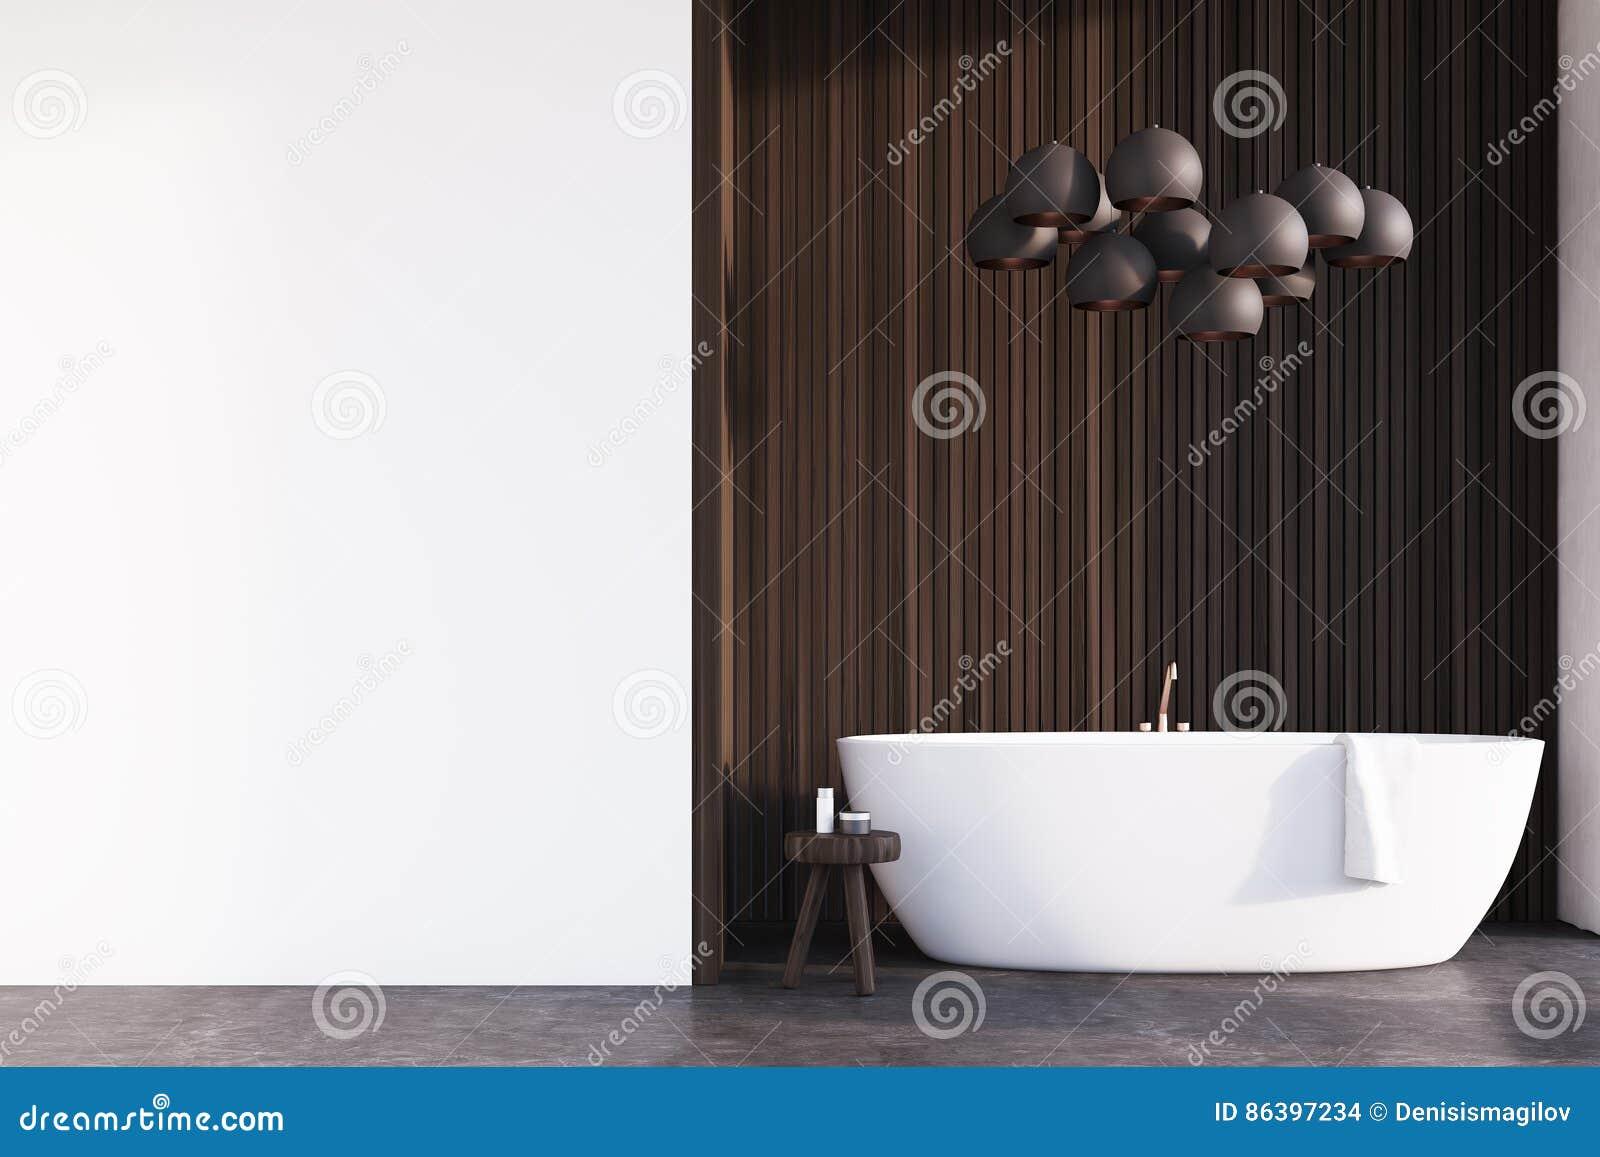 Badezimmer Mit Lampen, Dunkles Holz, Wand Stock Abbildung ...